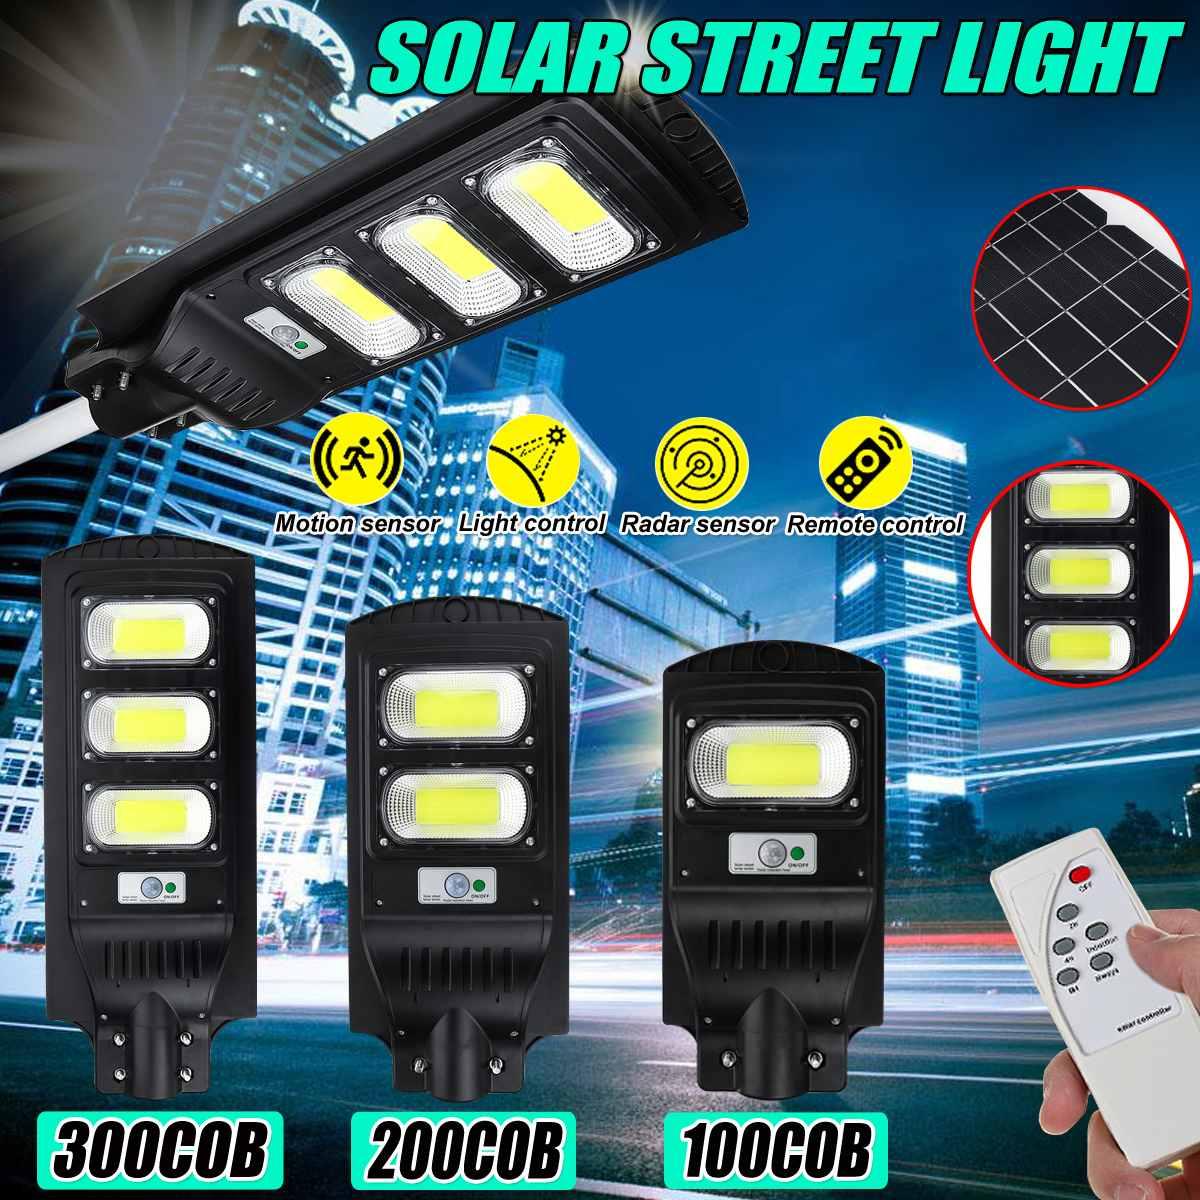 200/150/100W Solar Straße Licht PIR Motion Sensor LED Outdoor Garten Wand Lampe mit Fernbedienung für Villen und Garten Hof